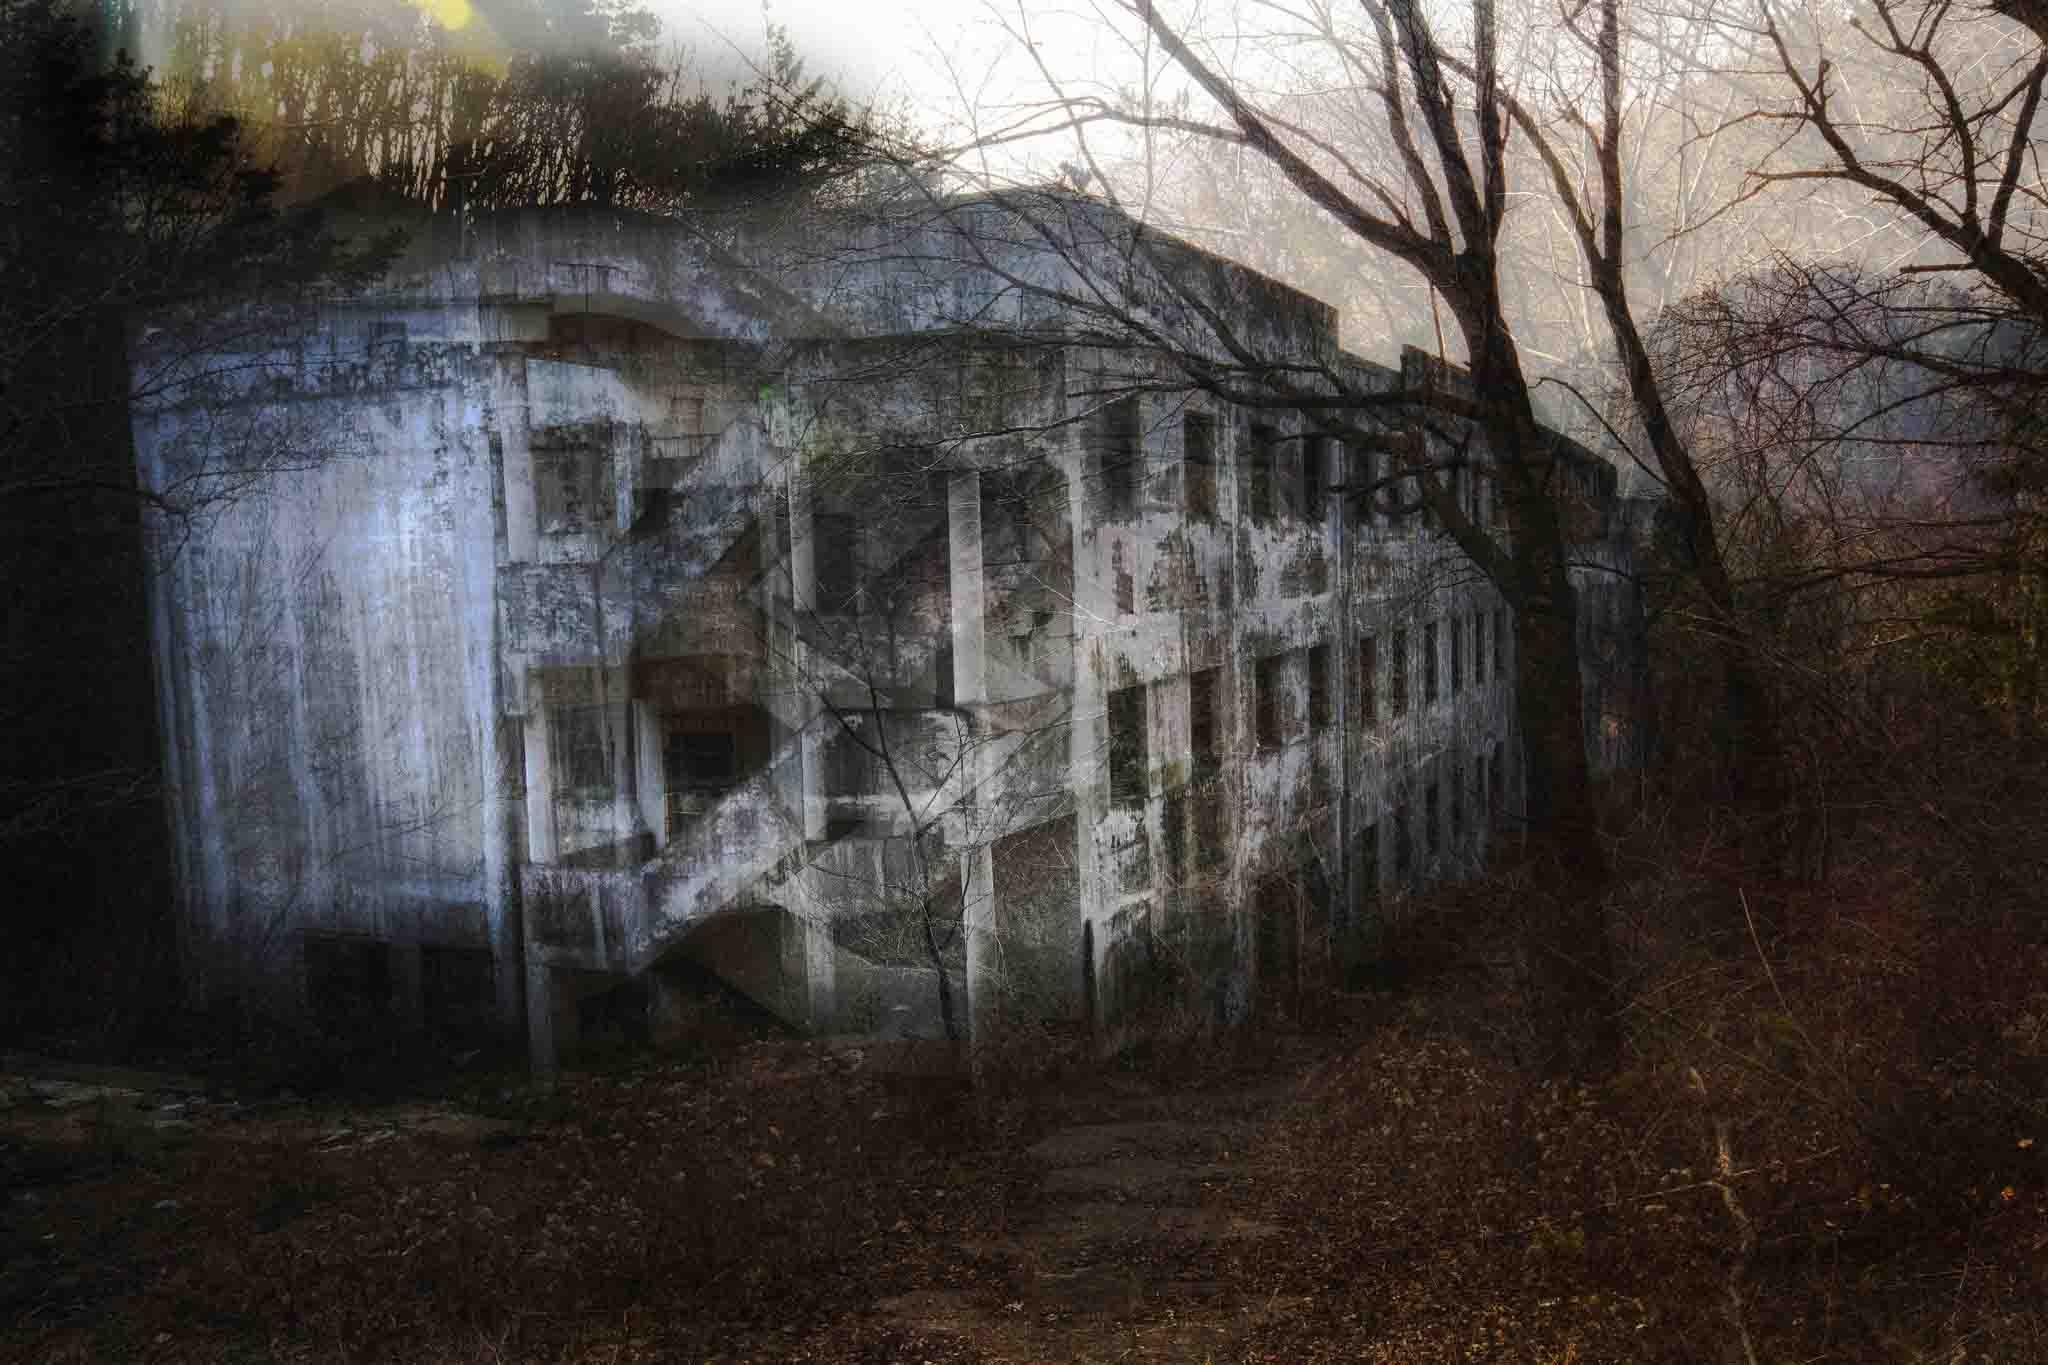 Săn ma trong bệnh viện tâm thần bỏ hoang tại Hàn Quốc - 1